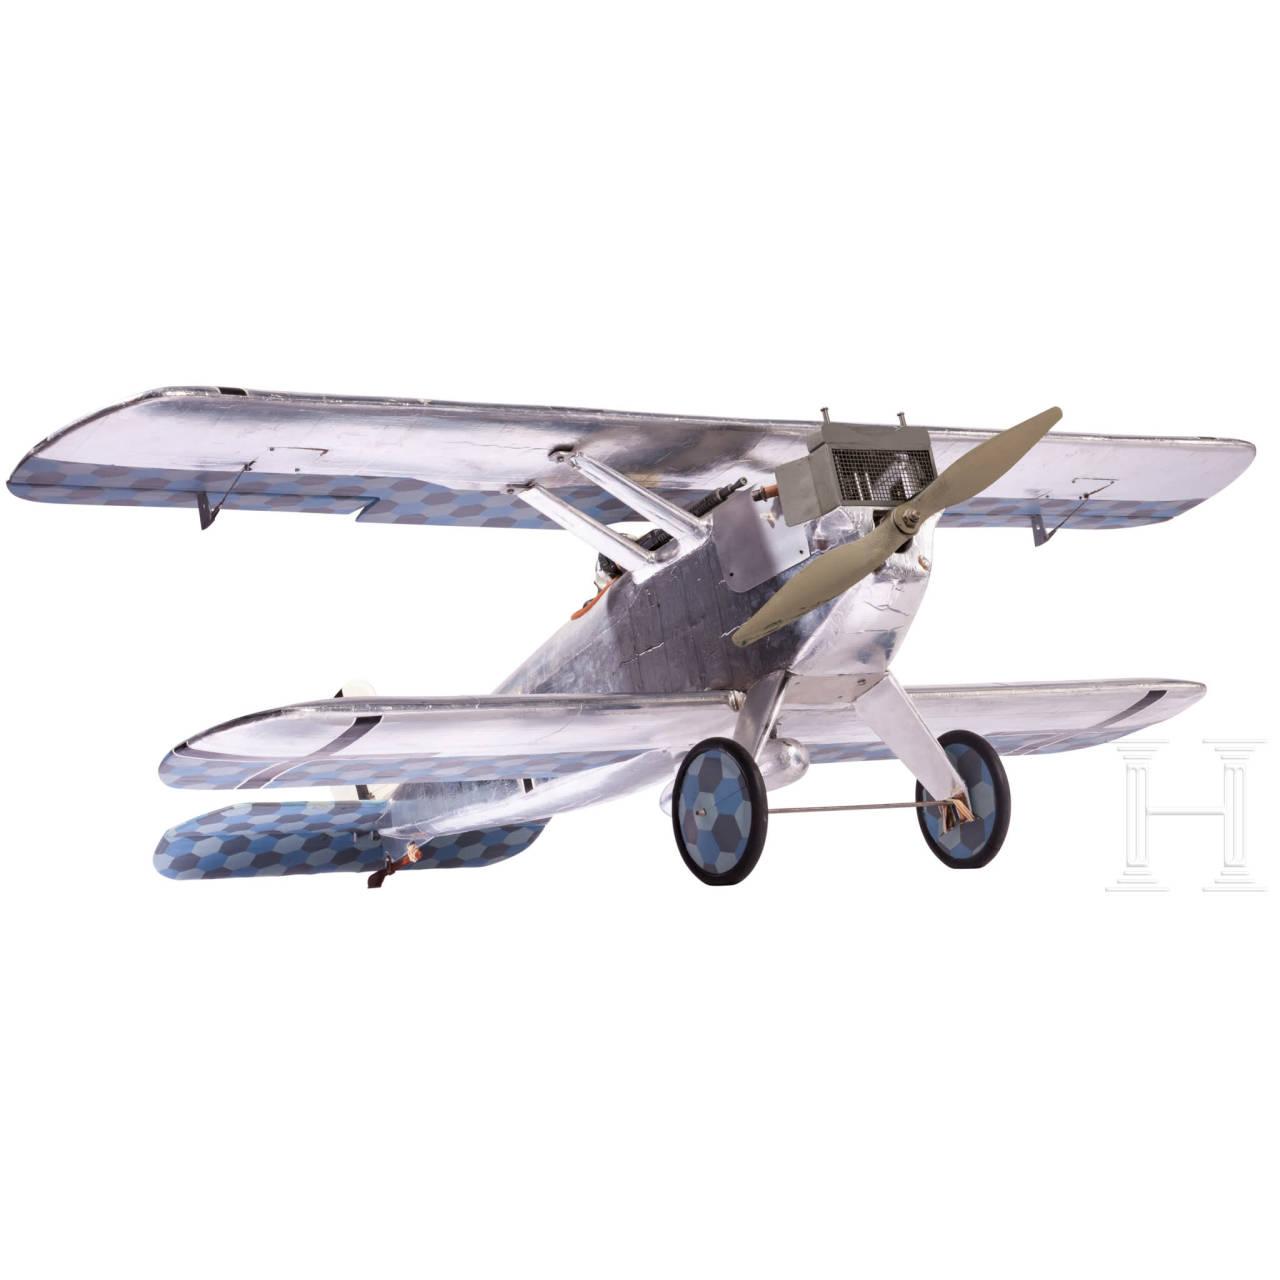 Detailliertes Modell einer Dornier Zeppelin D.I